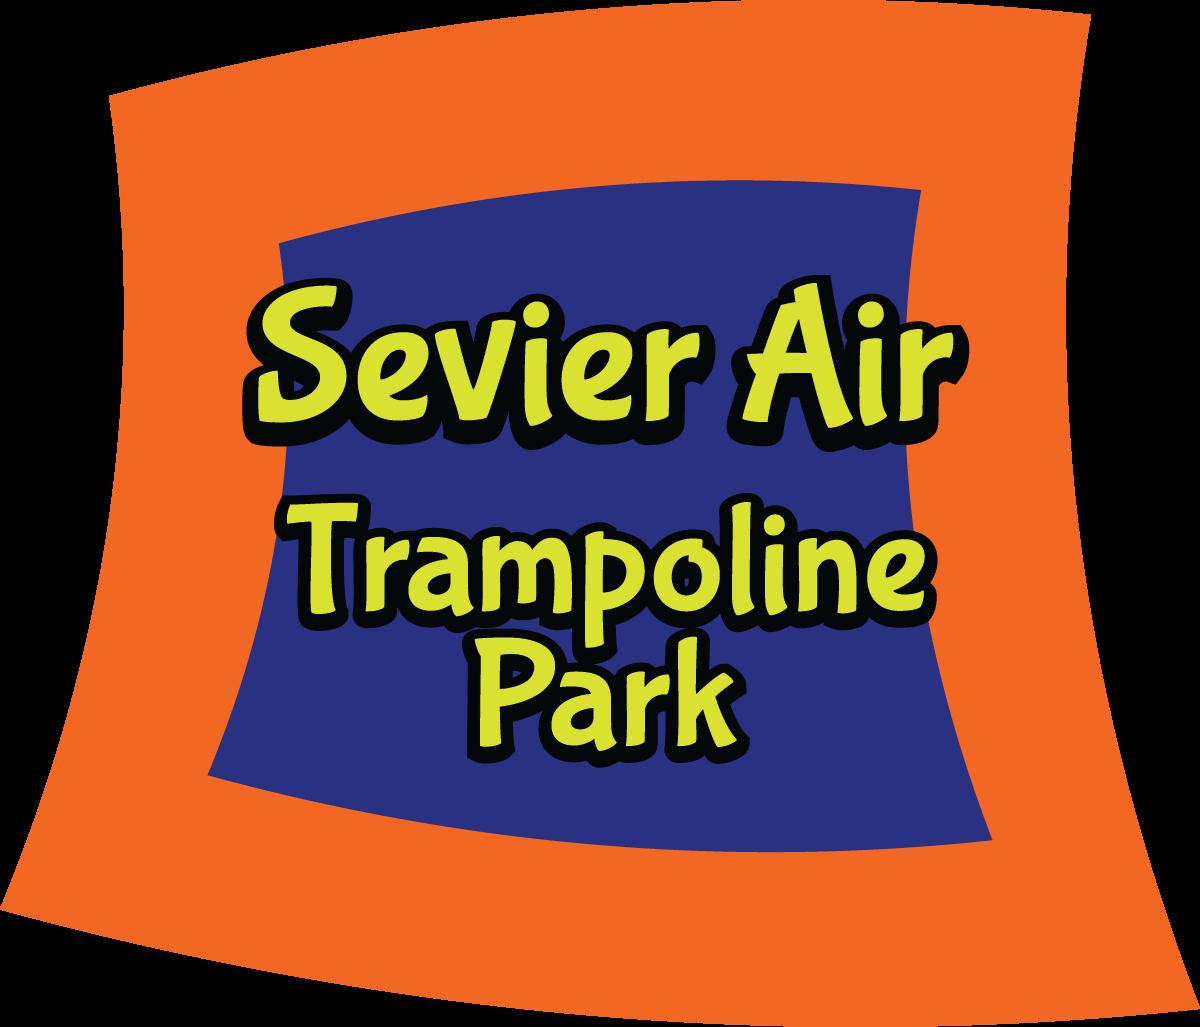 Professional clipart trampoline. Elegant playful logo design